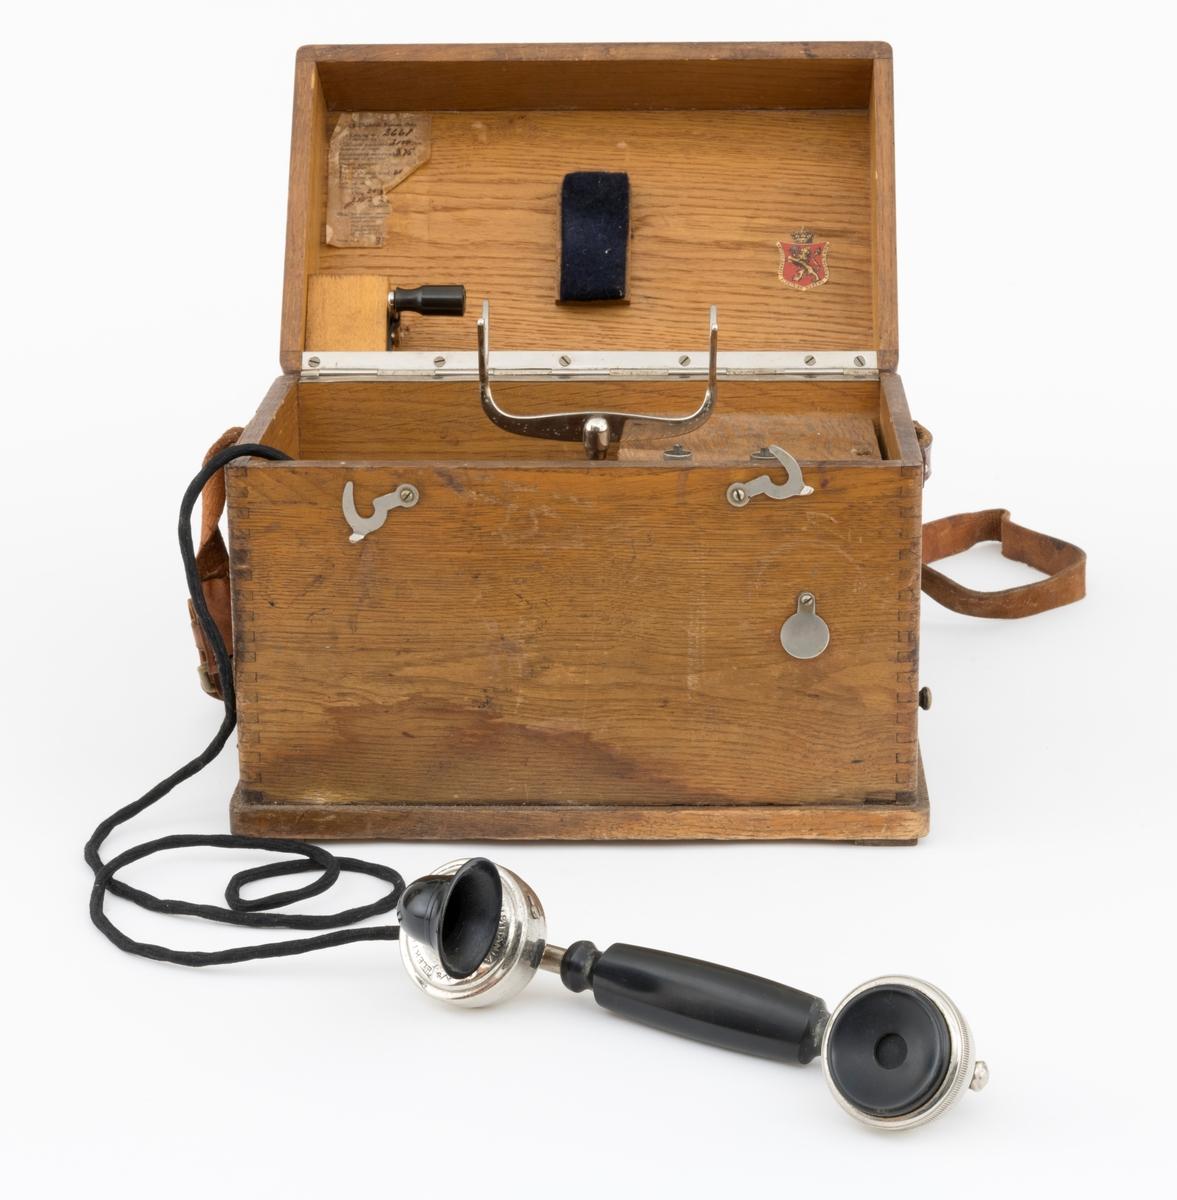 Bærbar felttelefon, antakelig av type som ble brukt tidlig på 1900-tallet. Telefonen er montert i ei trekasse, antakelig lagd av eikematerialer. Kassa har ei botnplate som er 33,1 centimeter lang, 20,2 centimeter bred og 1,5 centimeter tjukk. Ved endene av botnplatas underside er det 19,3 centimeter lange og 3,1 centimeter brede trelister som  gjenstanden sto på. Oppå den nevnte botnplata er det ei 32 centimeter lang, 19 centimeter bred og 16,6 centimeter høy kasse med fingerskjøtte, noe avrundete hjørner. Til denne kassas bakre langside er det hengslet et lokk av samme type materiale og med samme lengde og bredde som kassa. Lokket er 6,1 centimeter høyt. Lokket stenges ved hjelp av dreibare kroker på kassas frontside som vendes, slik at de omslutter skruer på lokkets frontside. Litt lengre neden på kassefronten er det et gjennombrutt hull med 1,3 centimeters diameter, antakelig innføringspunktet for sveiva til telefonen. Dette hukket kan stenges ved hjelp av ei lita, dreibar stålskive når sveiva ikke er i bruk. Da festes sveiva i en trekloss som er innlimt i et hjørne i lokket. Telefonen bæres i ei cirka 2,4 centimeter bred lysebrun lærrein, som er festet i messingknapper, sentralt på den nedre delen av kassas tverrender. At kassa bæres med den riktige sida opp er sikret ved hjelp av smøyestoler av lær høyere oppe på de samme endeflatene. Lengden på bærereima kan justeres ved hjelp av ei nålespenne. Inne i kassa er det antakelig et batteri, skjult under trelokk i to plan. På det nedre er det inntappet en toleddet, forkrommet holder for telefonrøret. Også telefonrøret er forkrommet, med har bakelittkomponenter for håndgrep (midten), øreanlegg og taletrakt. Sentralt på lokkets underside er det pålimt en trekloss med et tjukt svart filtbelegg, som skulle holde telefonrøret på plass under transport. Ellers er det innlimt to etiketter på undersida av lokket. Den ene er et firmamerke som refererer til «AKTIESELSKABET ELEKTISK BUREAU, KRISTIANIA, NORGE». På dette merket e